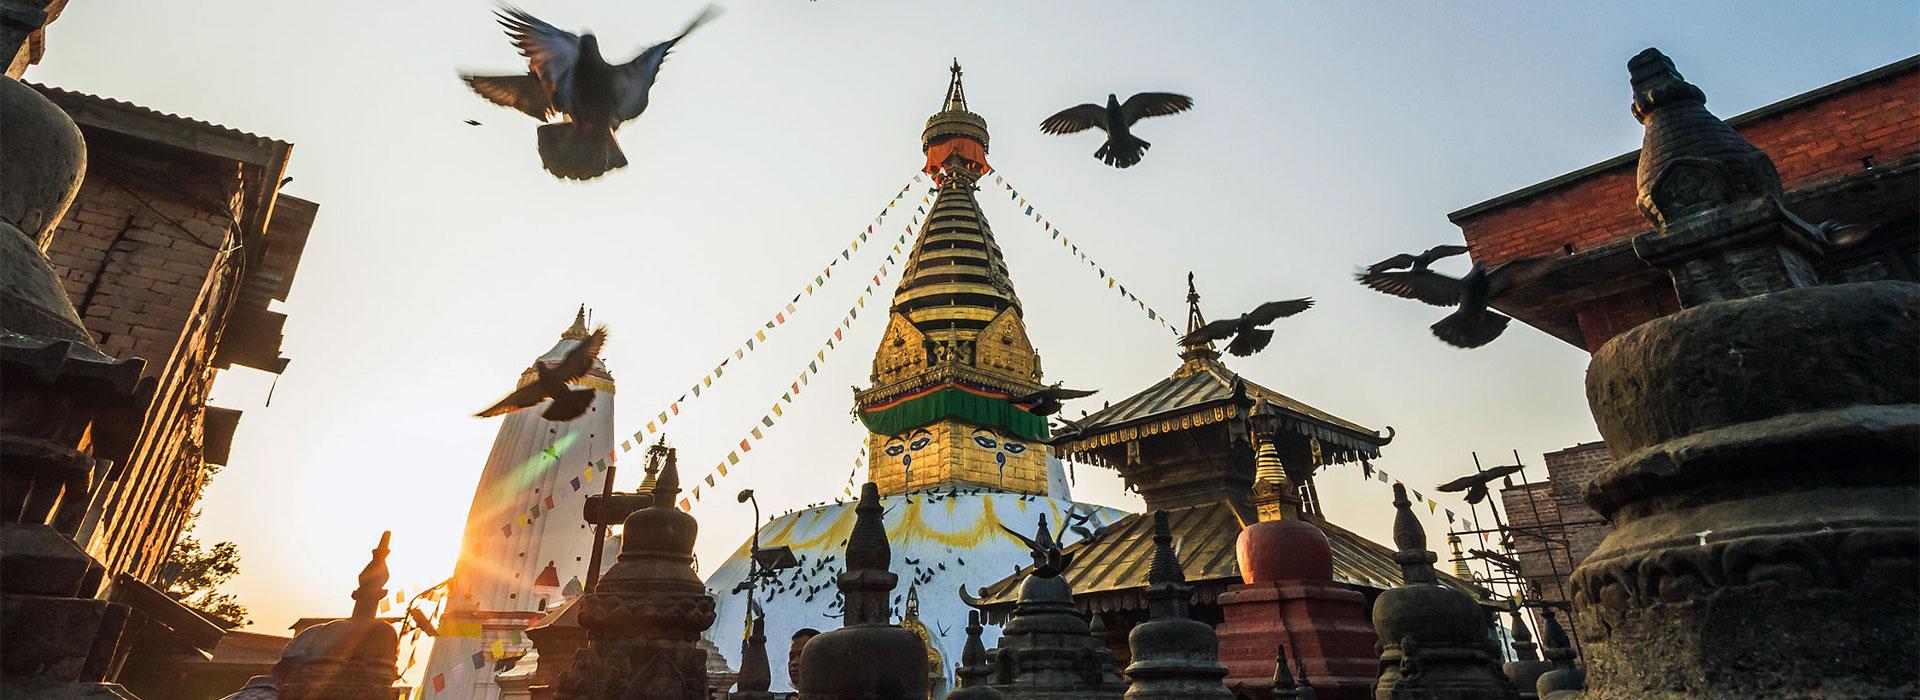 Swayambunath Stupa - places to visit in Kathmandu